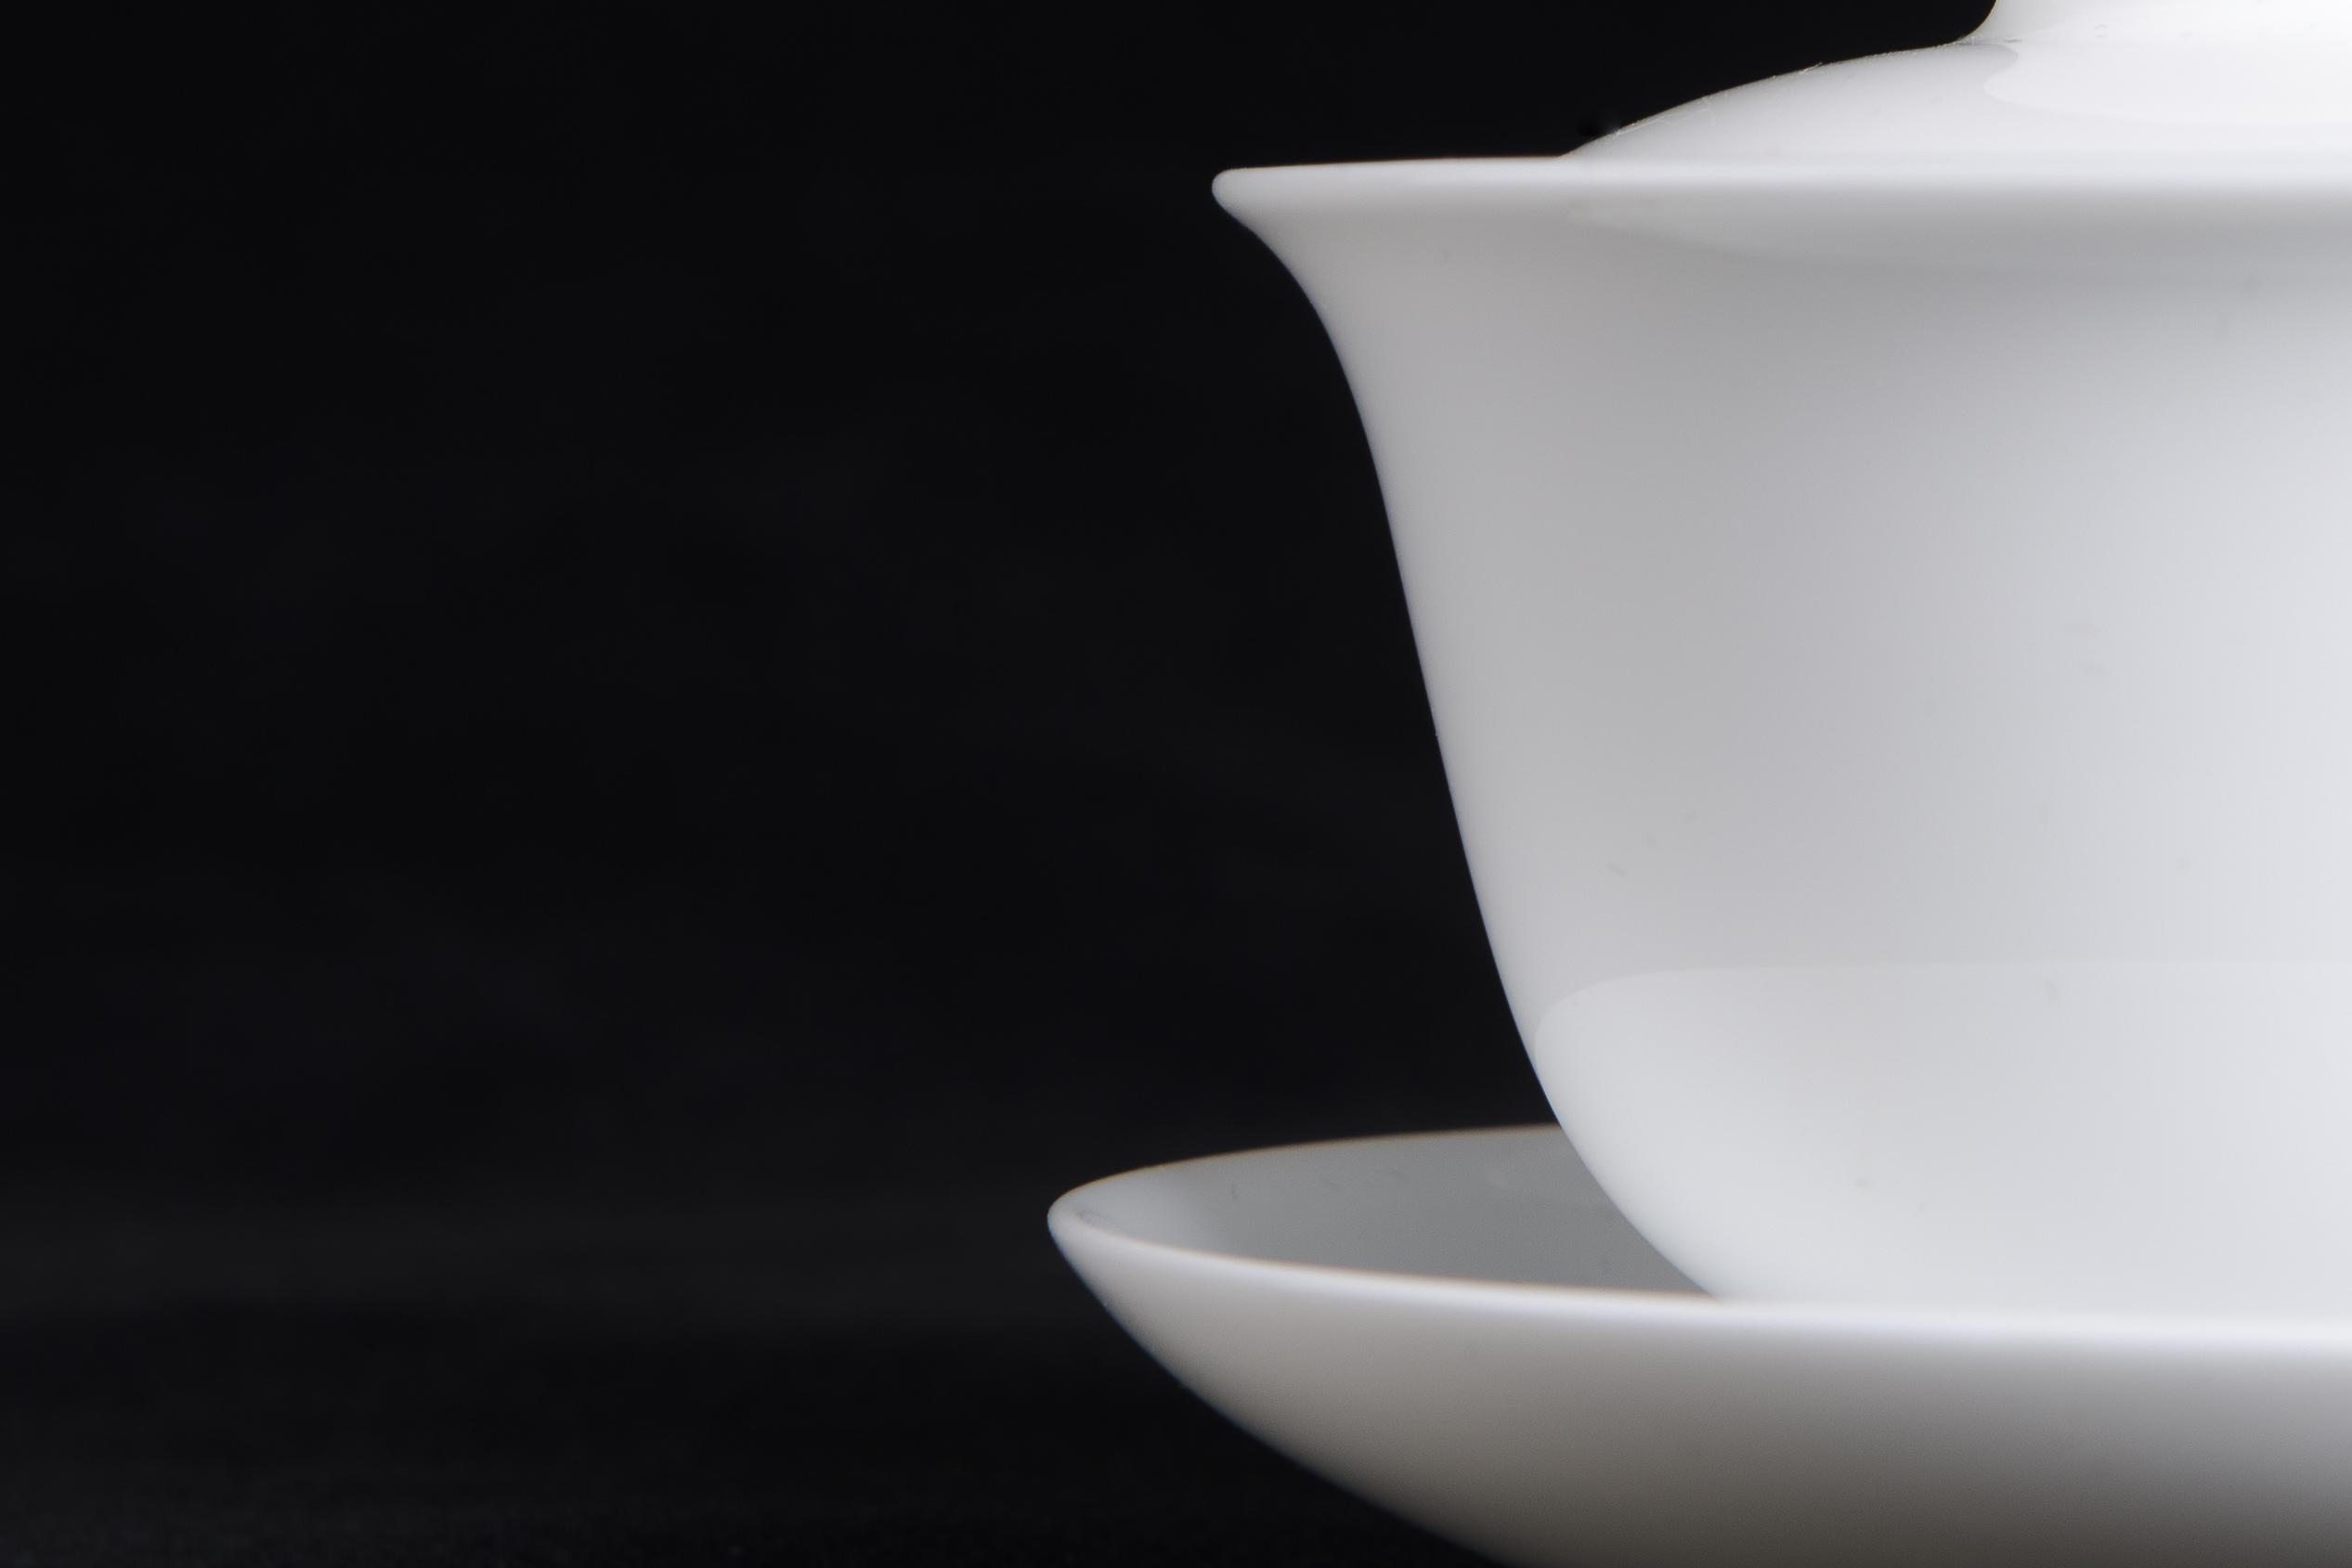 活动 | 拼茶节晒单送礼品  10点秒拼社区礼品公布!